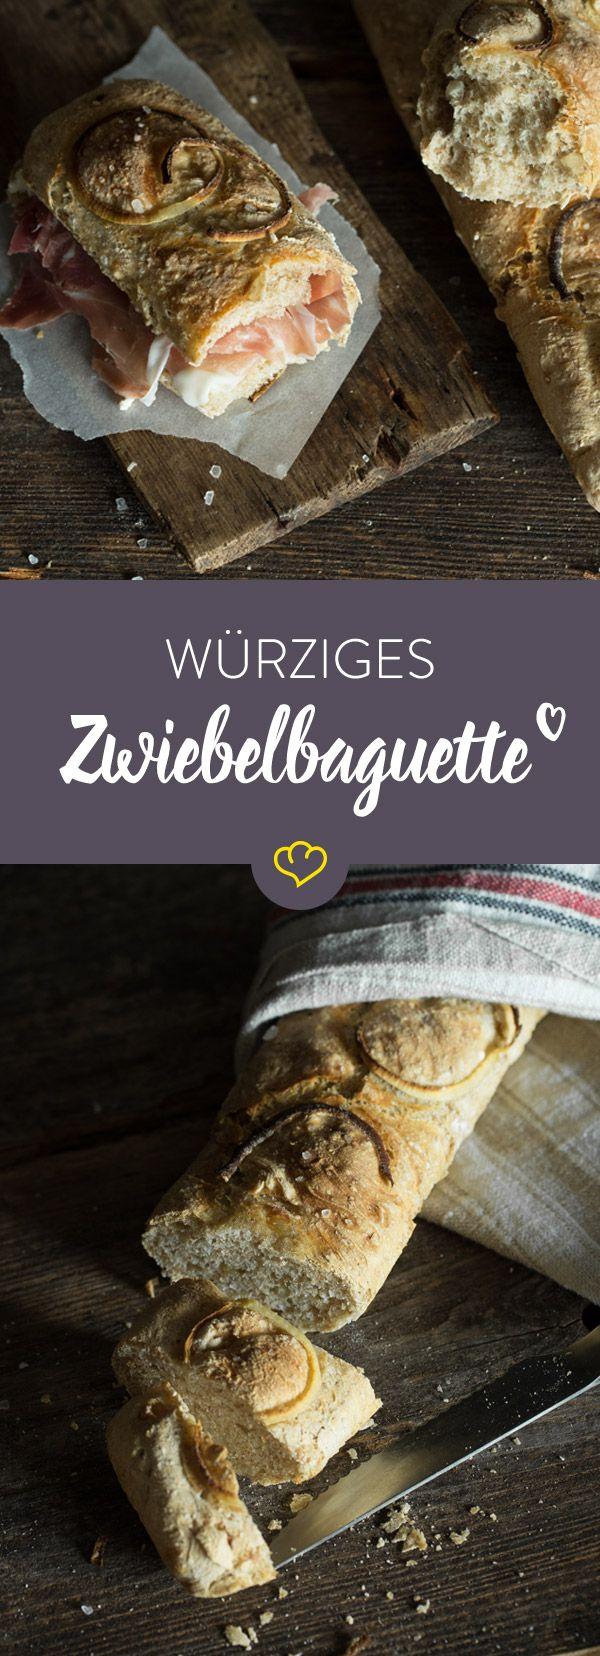 Aromatisch, würzig und ein bisschen süß: Ein Hoch auf den Erfinder des Zwiebelbaguettes! Wir zeigen dir, wie du es mit etwas Geduld selber machen kannst.